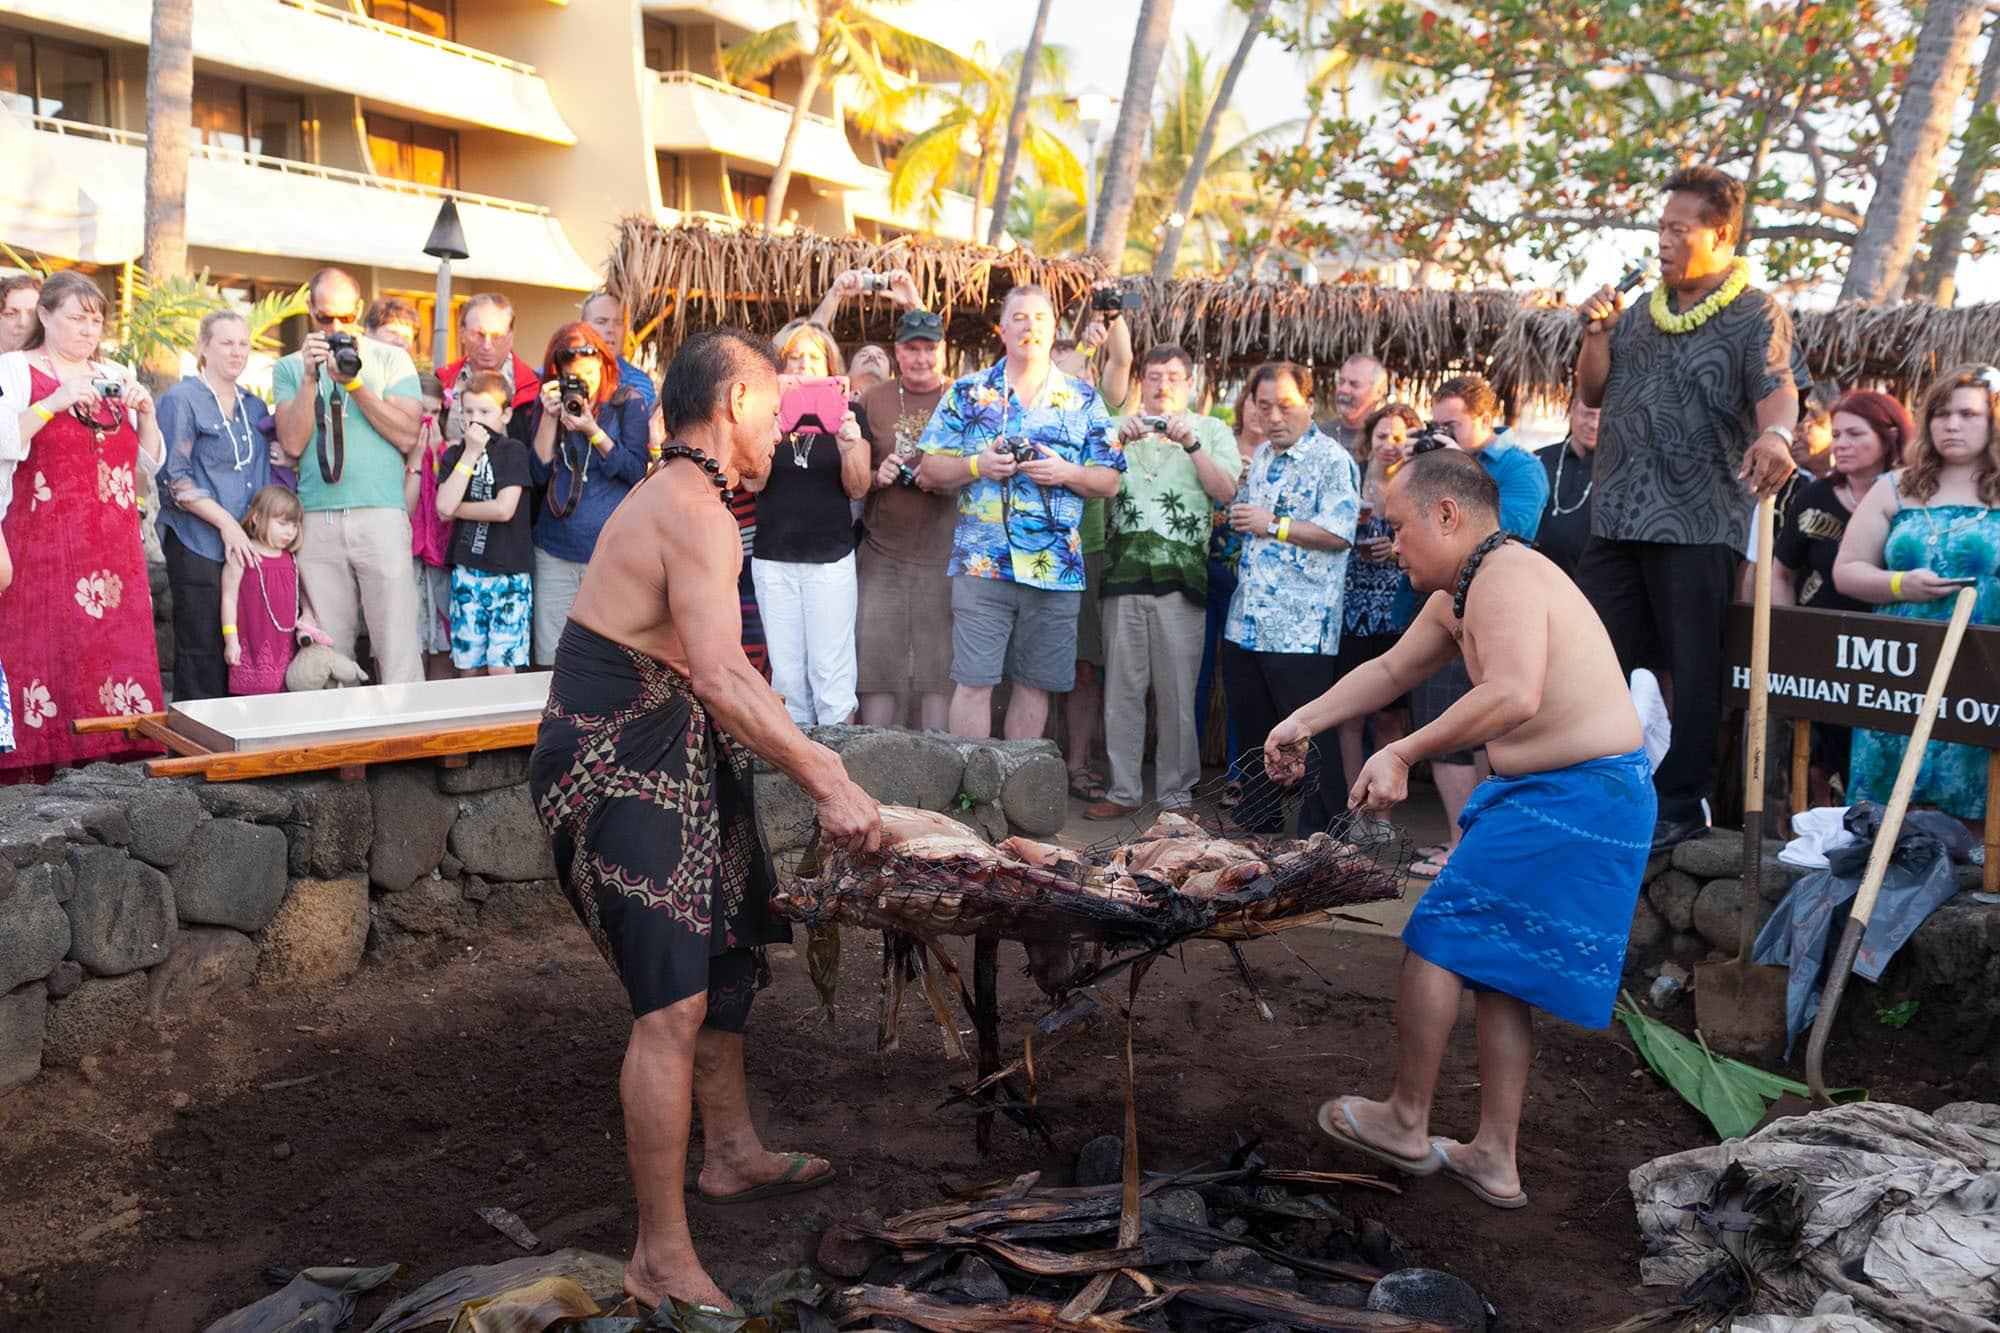 Hawaiian Luau on the Big Island in Hawaii. Life List #101: Get lei'd in Hawaii. - Getting a lei at a Hawaiian Luau on the Big Island in Hawaii.